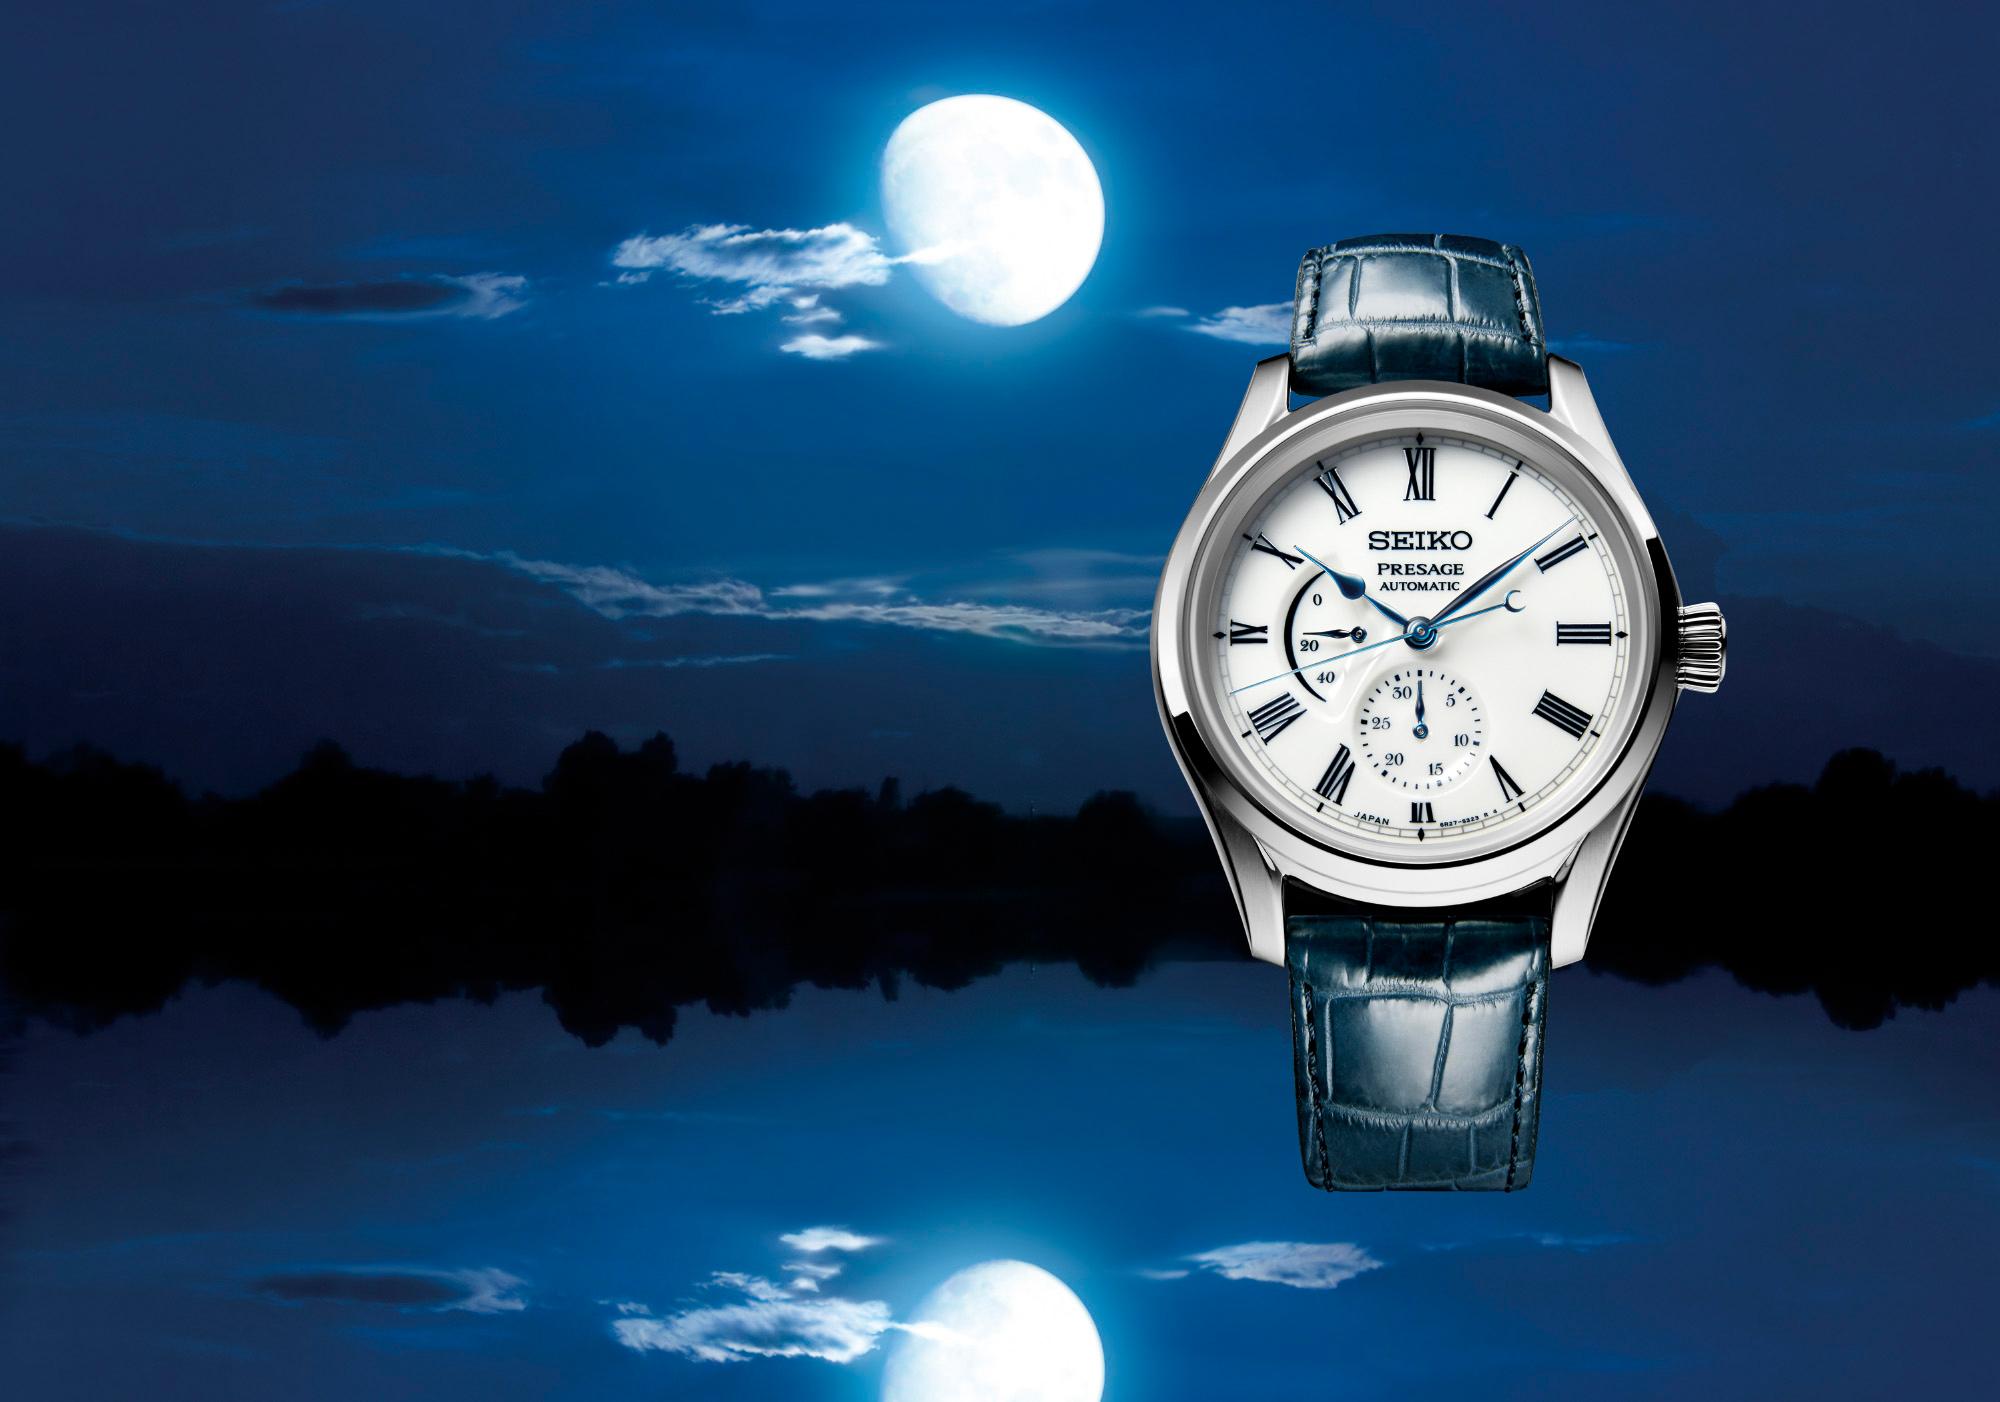 水面に映る月の情景をイメージした有田焼のメカニカルウォッチ。